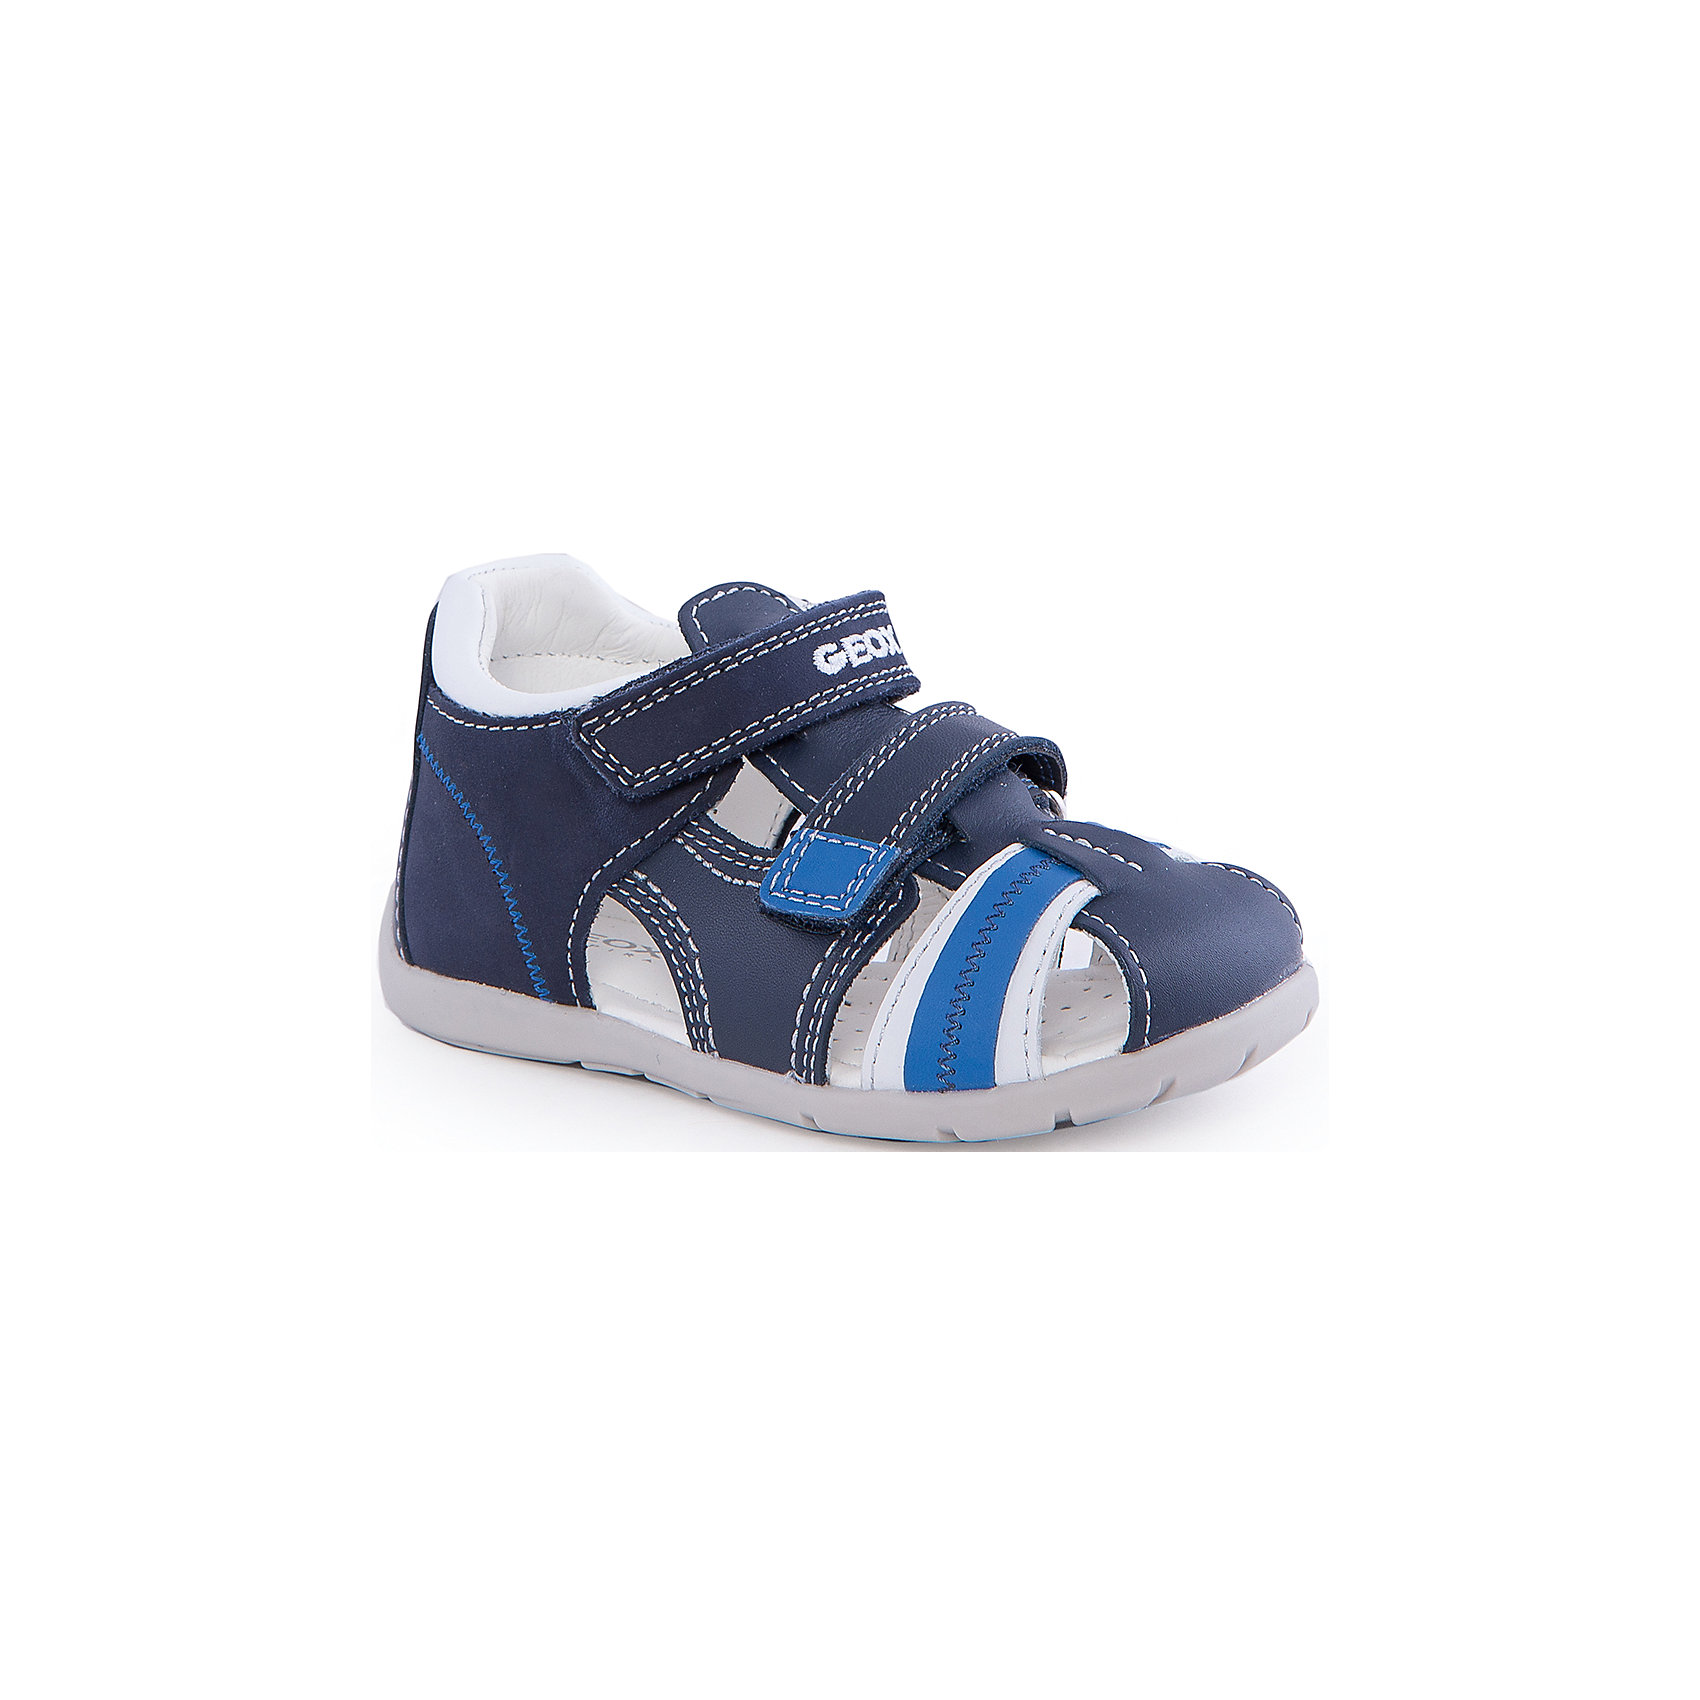 Сандалии для мальчика GEOXСандалии для мальчика от популярной марки GEOX (Геокс).<br><br>В модных сандалиях из натуральной кожи ребенок будет выглядеть стильно, а чувствовать себя - комфортно!<br>Производитель обуви заботится не только о внешнем виде, но и стабильно высоком качестве продукции. GEOX (Геокс) разработал специальную дышащую подошву, которая не пропускает влагу внутрь, а также высокотехнологичную стельку.<br><br>Отличительные особенности модели:<br><br>- цвет: синий;<br>- декорированы белыми элементами и прострочкой;<br>- гибкая водоотталкивающая подошва с дышащей мембраной;<br>- мягкий и легкий верх;<br>- защита пальцев и пятки;<br>- стильный дизайн;<br>- удобная застежка-липучка;<br>- комфортное облегание;<br>- верх обуви и подкладка сделаны без использования хрома.<br><br>Дополнительная информация:<br><br>- Состав:<br><br>материал верха: натуральная кожа<br>материал подкладки: натуральная кожа<br>подошва: резина<br><br>Сандалии для мальчика GEOX (Геокс) (Геокс) можно купить в нашем магазине.<br><br>Ширина мм: 262<br>Глубина мм: 176<br>Высота мм: 97<br>Вес г: 427<br>Цвет: синий<br>Возраст от месяцев: 9<br>Возраст до месяцев: 12<br>Пол: Мужской<br>Возраст: Детский<br>Размер: 22,20,24,25,23,21<br>SKU: 4519506